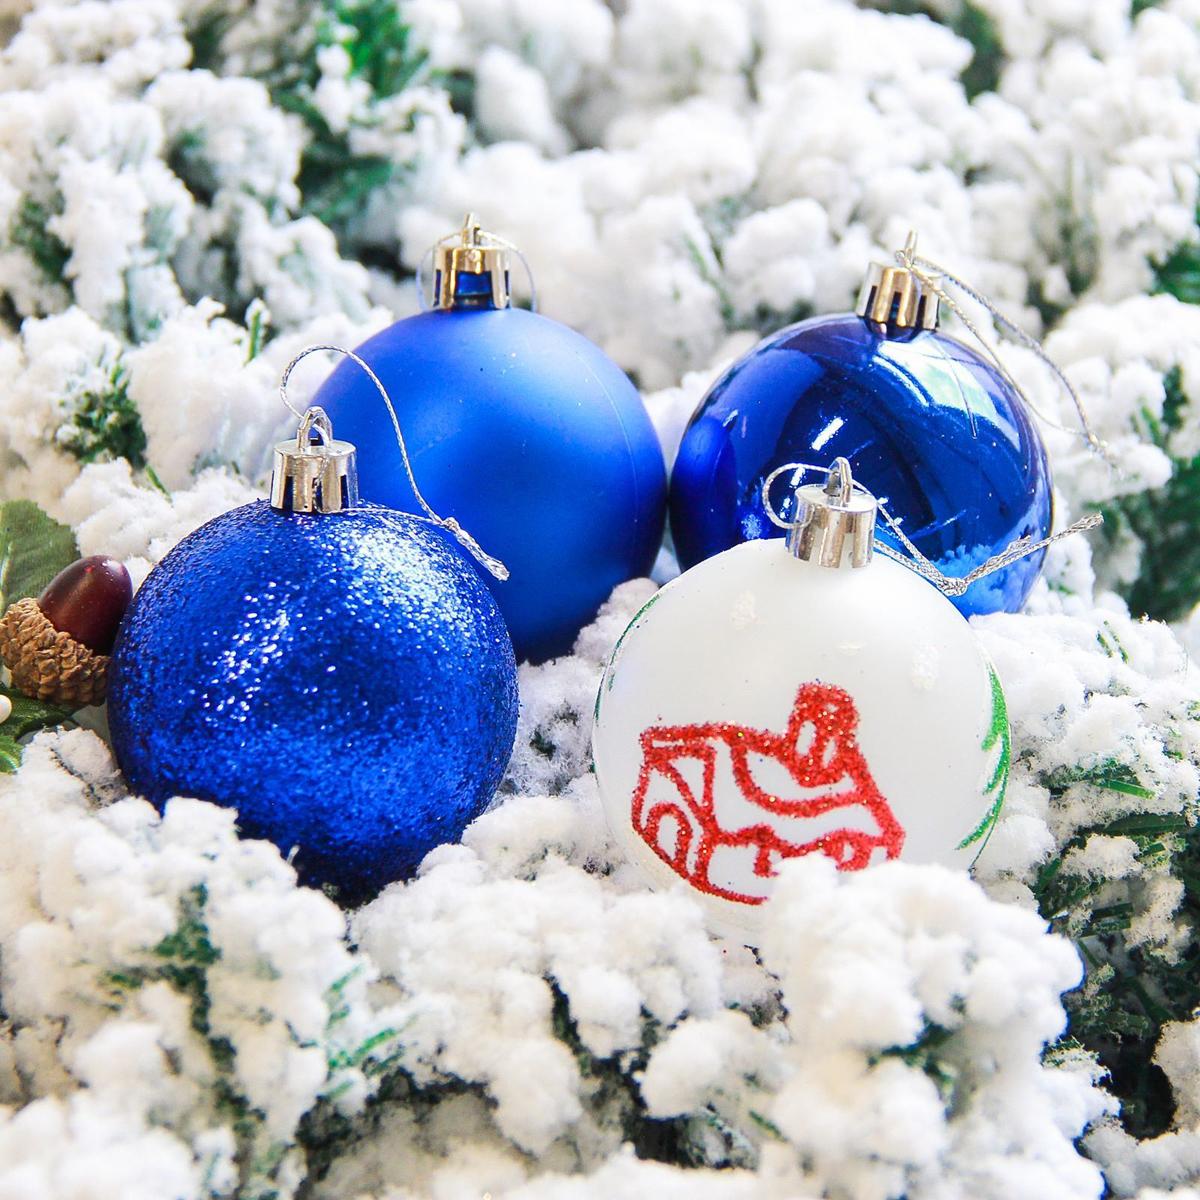 Набор новогодних подвесных украшений Sima-land Кьюзо, цвет: синий, диаметр 6 см, 16 шт2178238Невозможно представить нашу жизнь без праздников! Мы всегда ждём их и предвкушаем, обдумываем, как проведём памятный день, тщательно выбираем подарки и аксессуары, ведь именно они создают и поддерживают торжественный настрой.